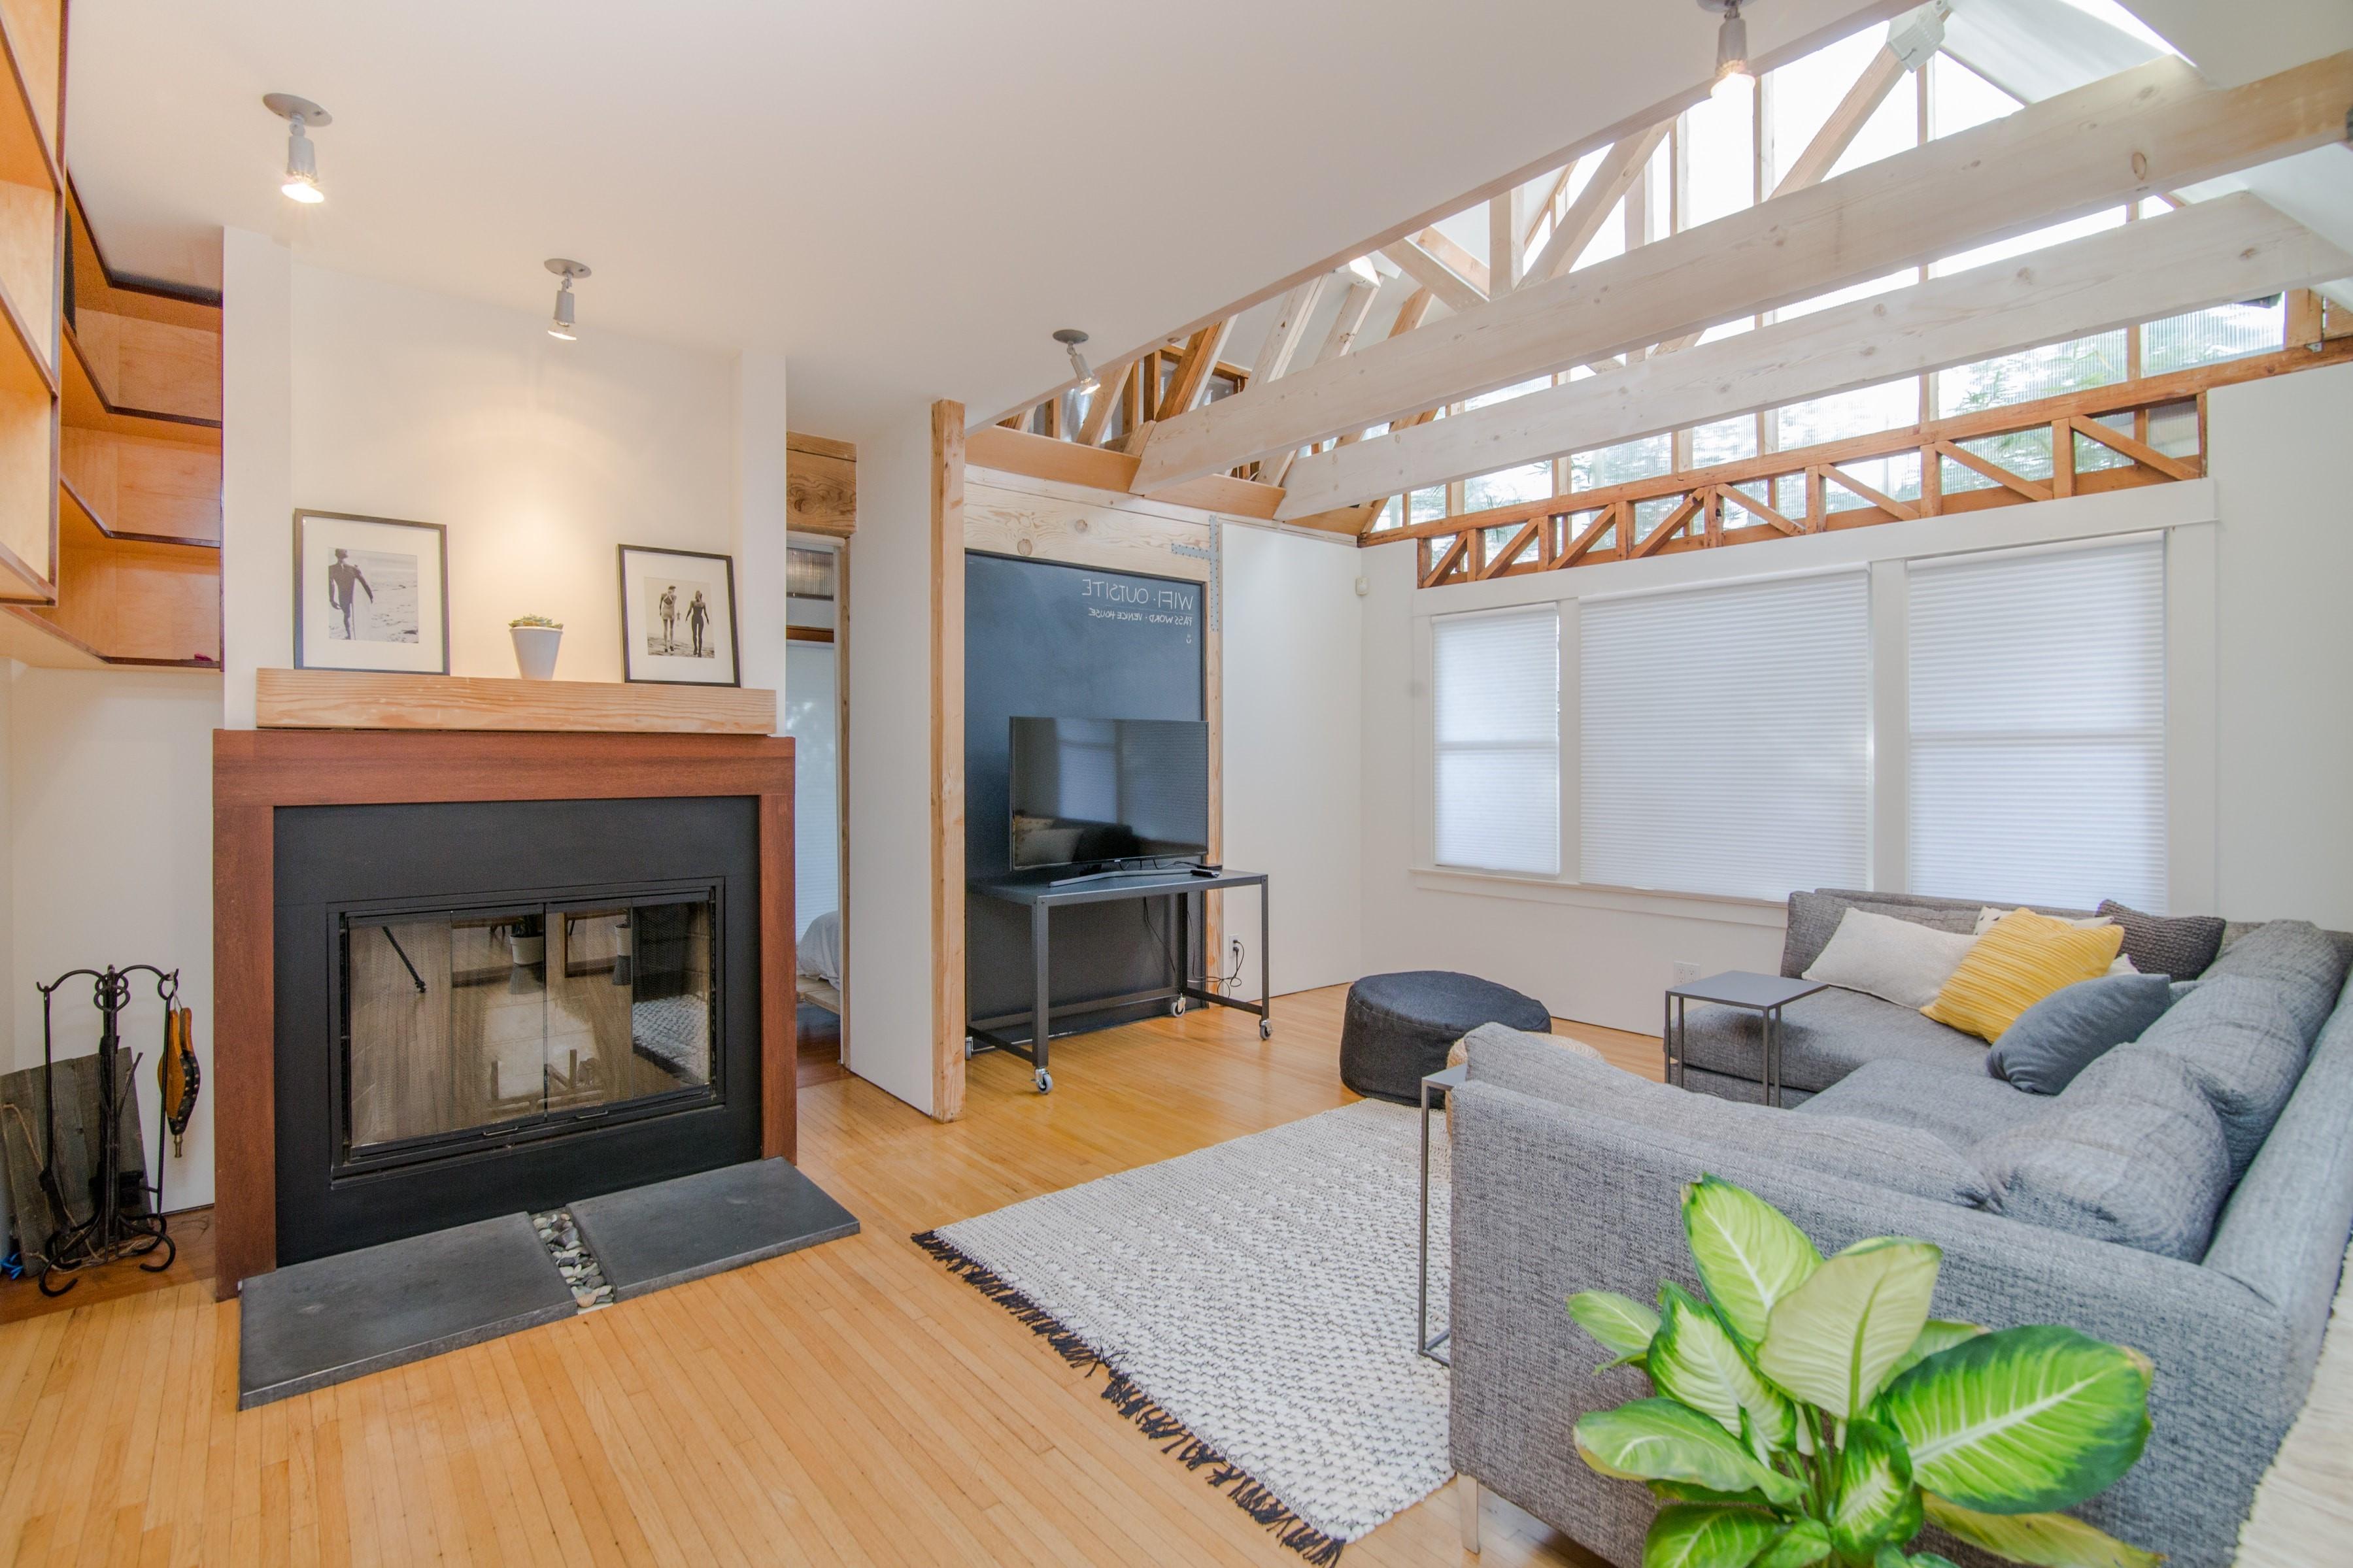 Gratade analyse l'achat ou la location en immobilier